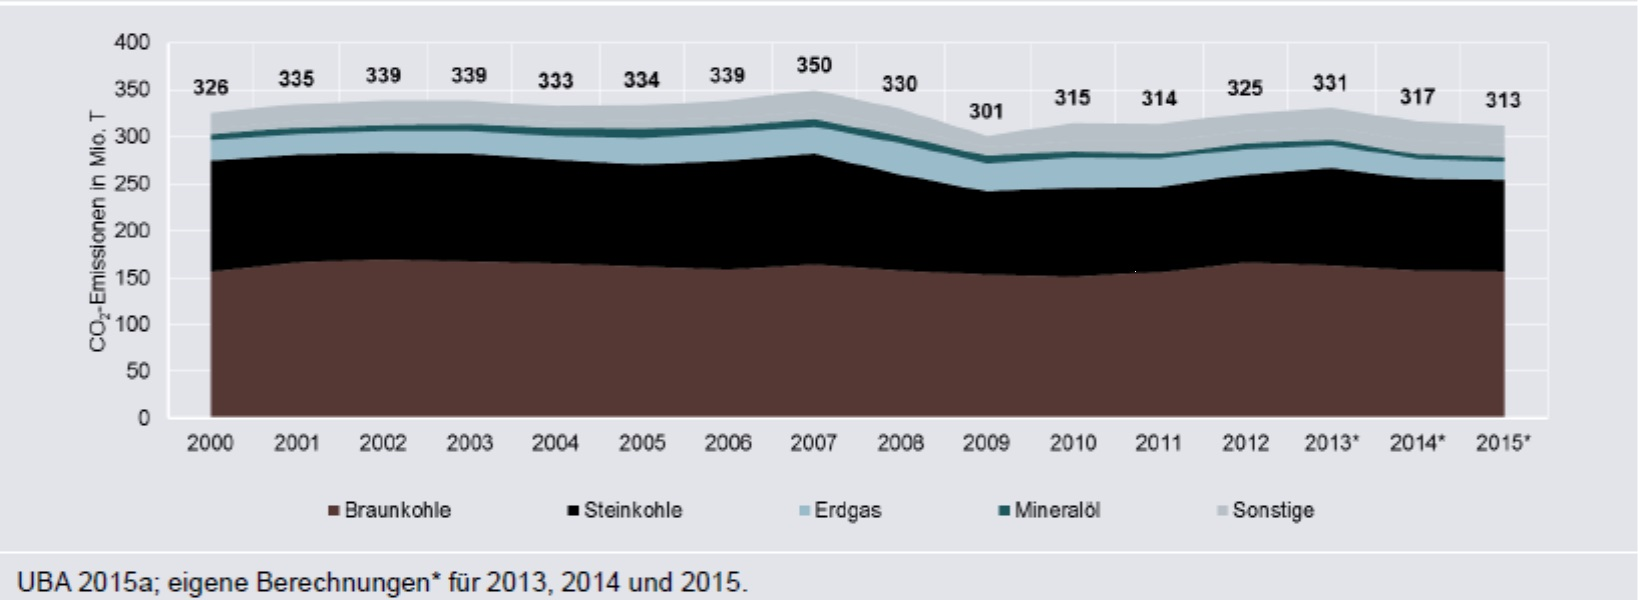 Průběh Energiewende z hlediska emisí oxidu uhličitého v sektoru výroby elektřiny. Zde je vidět, že během patnácti let jejího průběhu zůstaly emise stejné v mezích fluktuací daných průběhem zimy a ekonomického cyklu. Pro srovnání lze uvést, že v zemíc